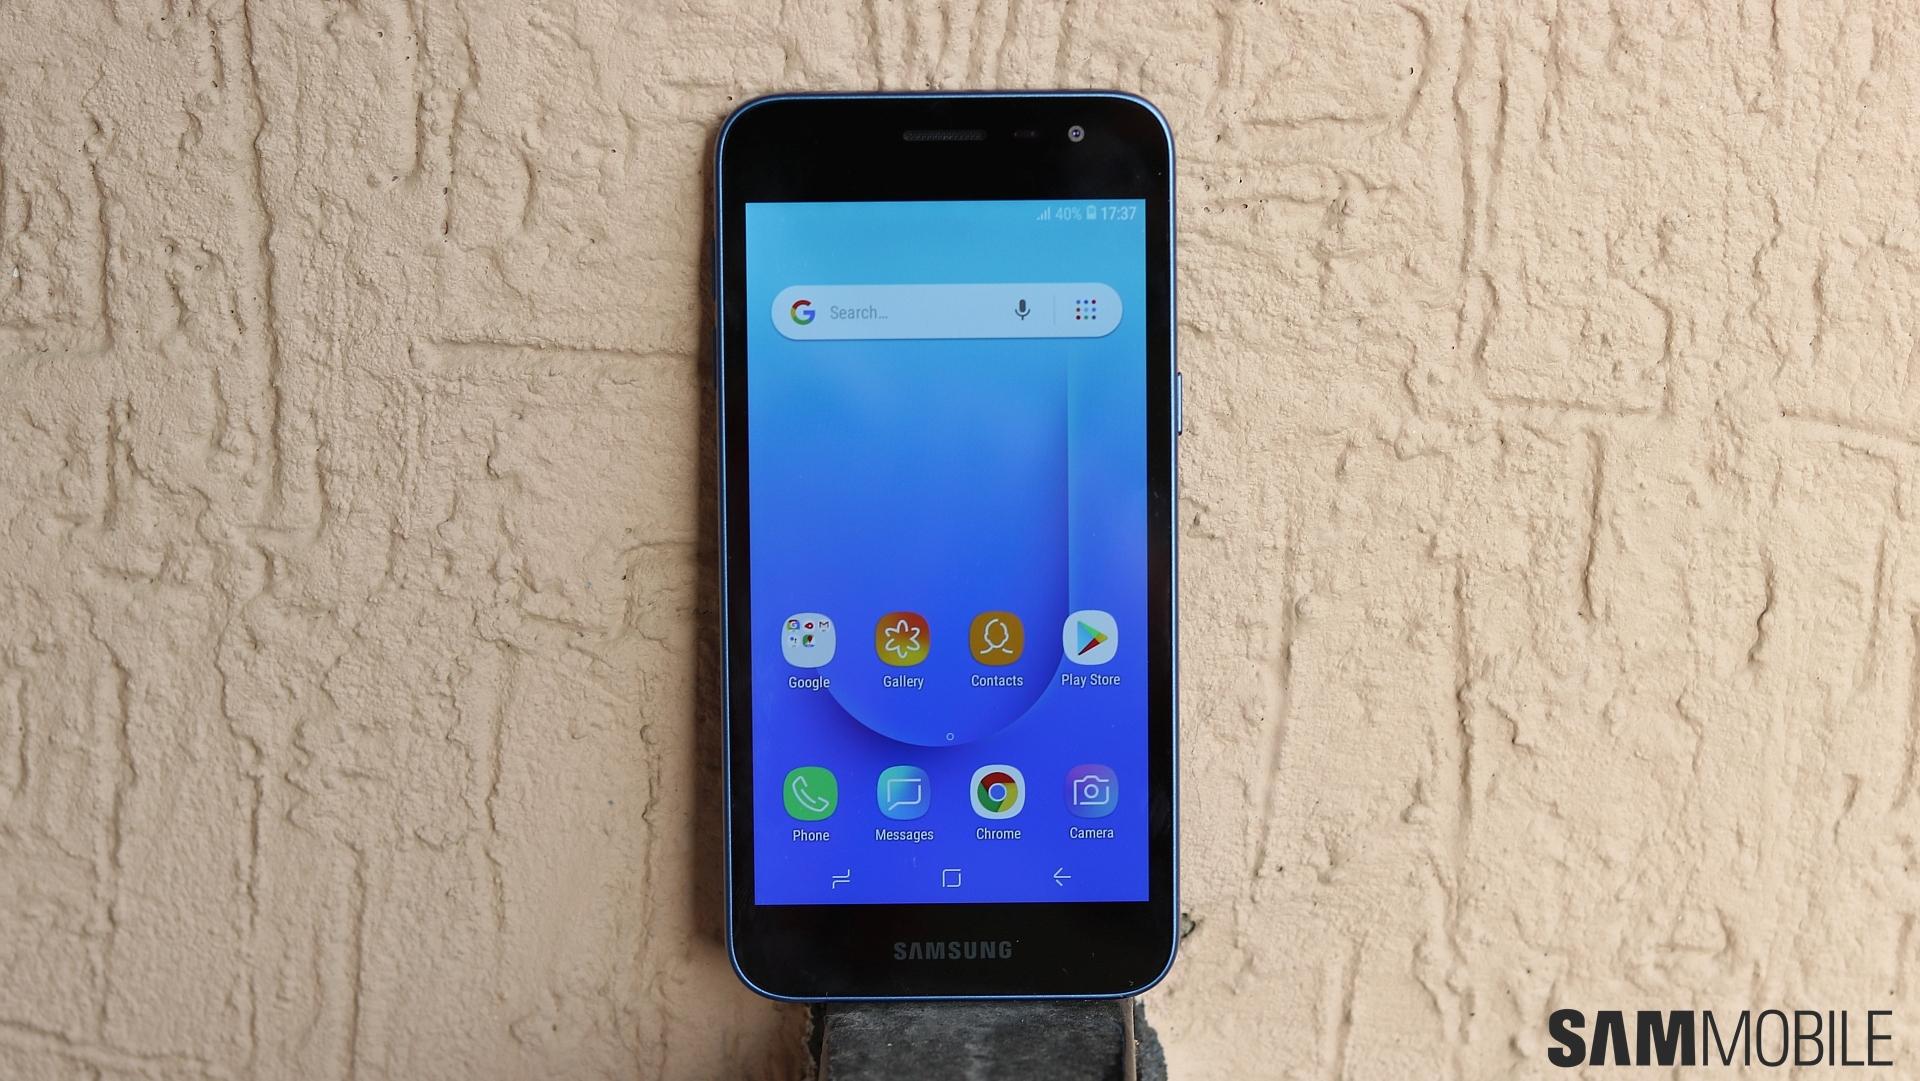 Samsung Galaxy J4 Core vs Galaxy J2 Core specs comparison